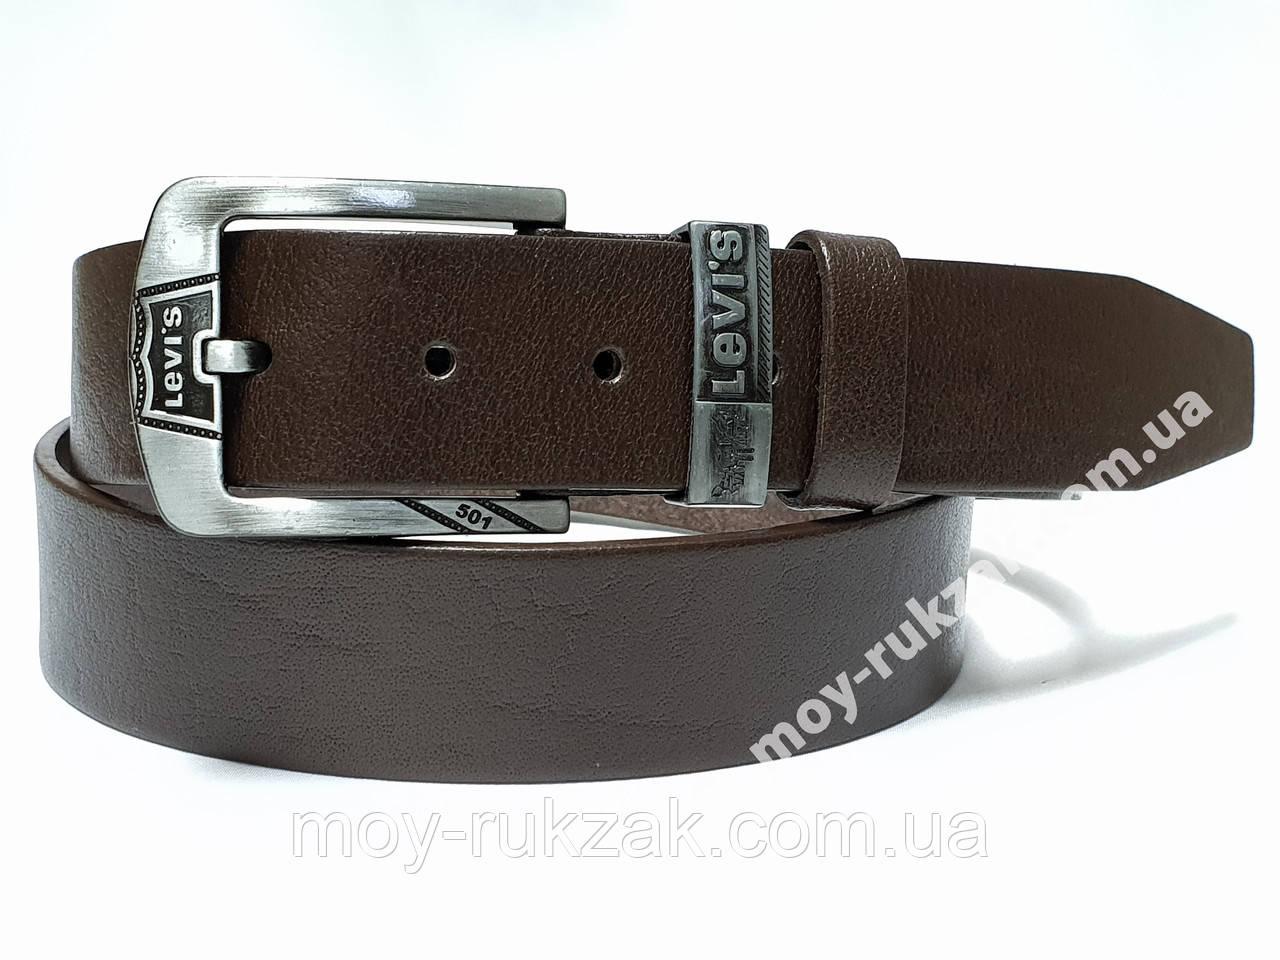 Ремень мужской кожаный Levi's 40 мм., реплика арт. 930663